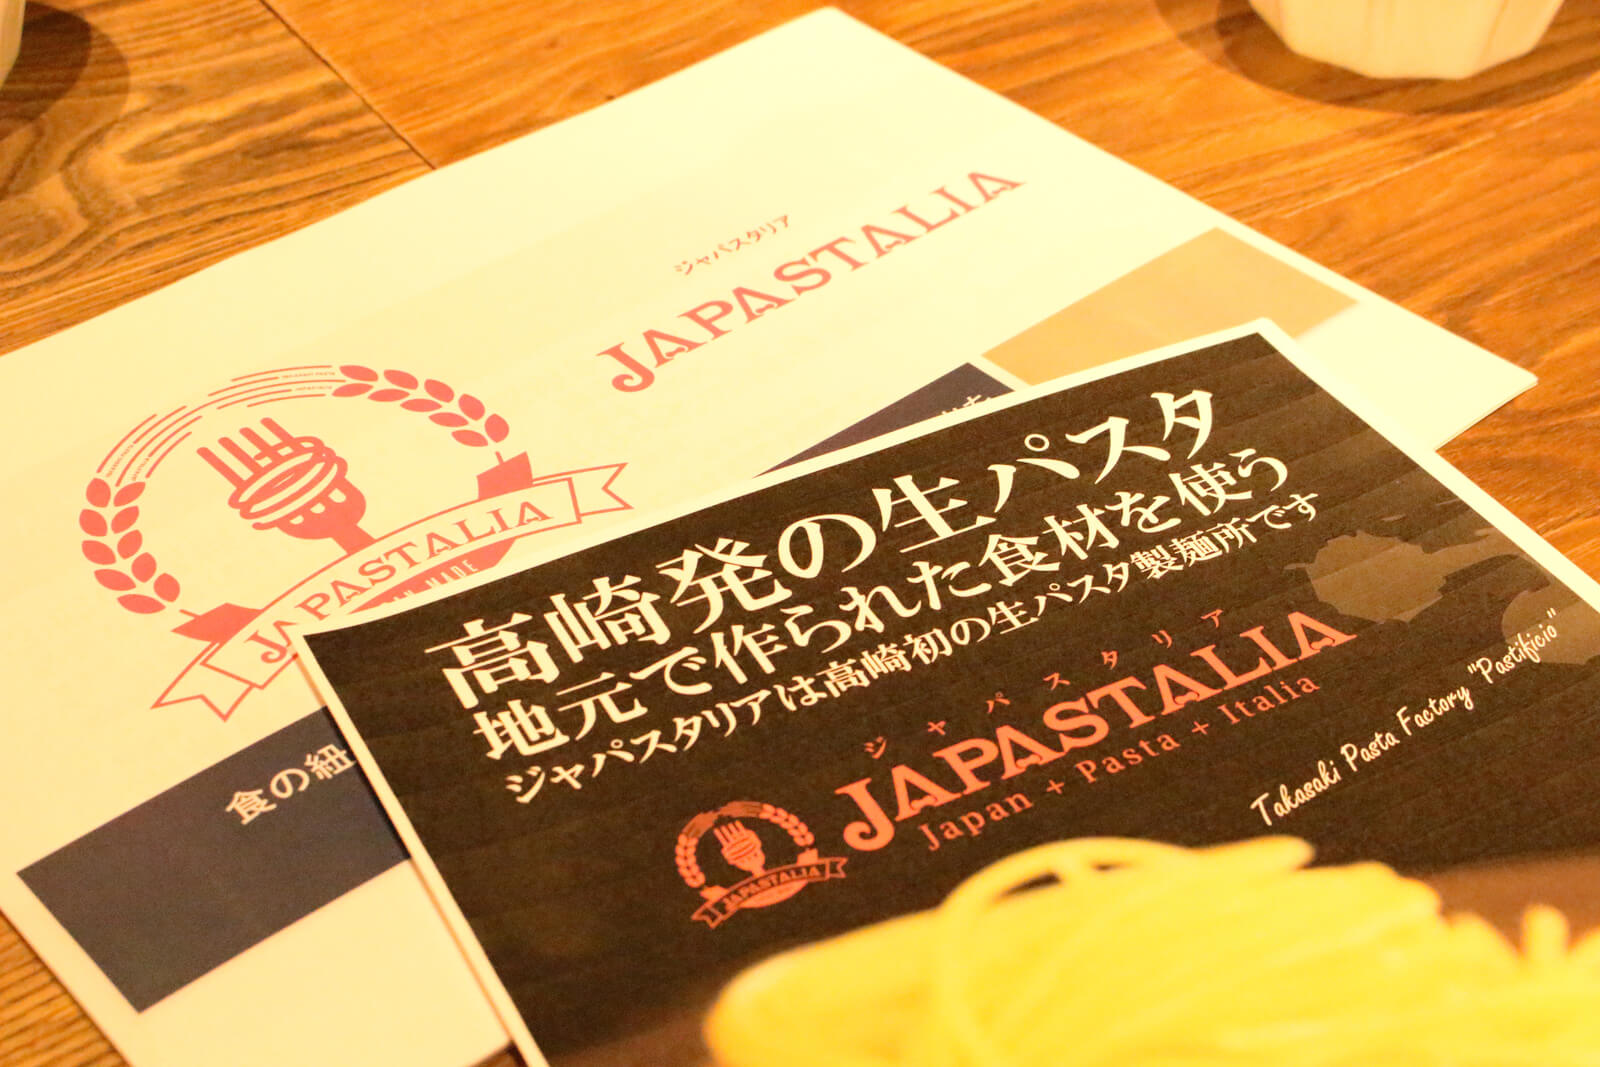 代表吉田さんのJAPASTALIA設立の背景や苦難の話を聞きました